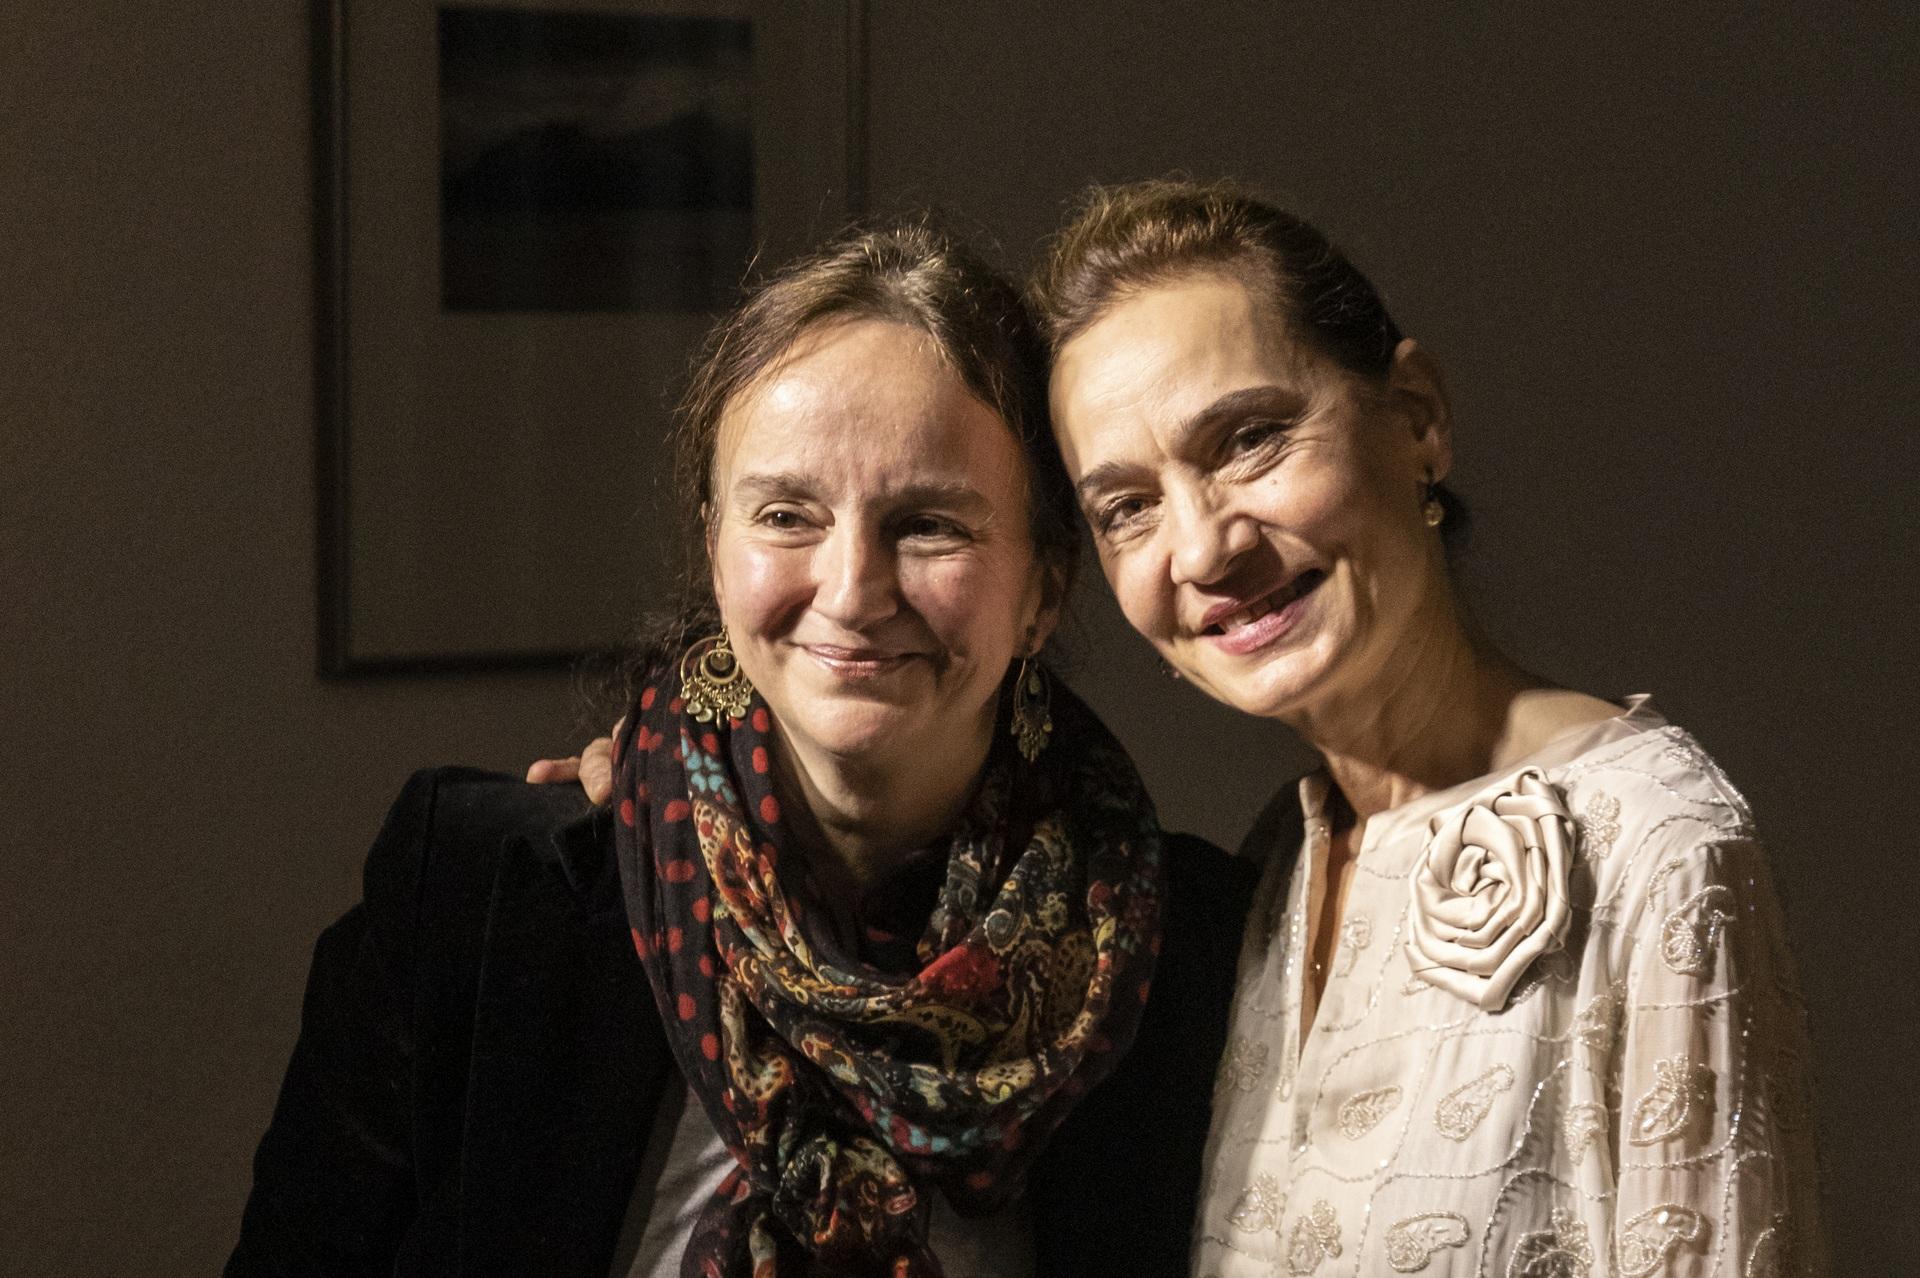 Hajdi Elzeser und Danica Stojanova